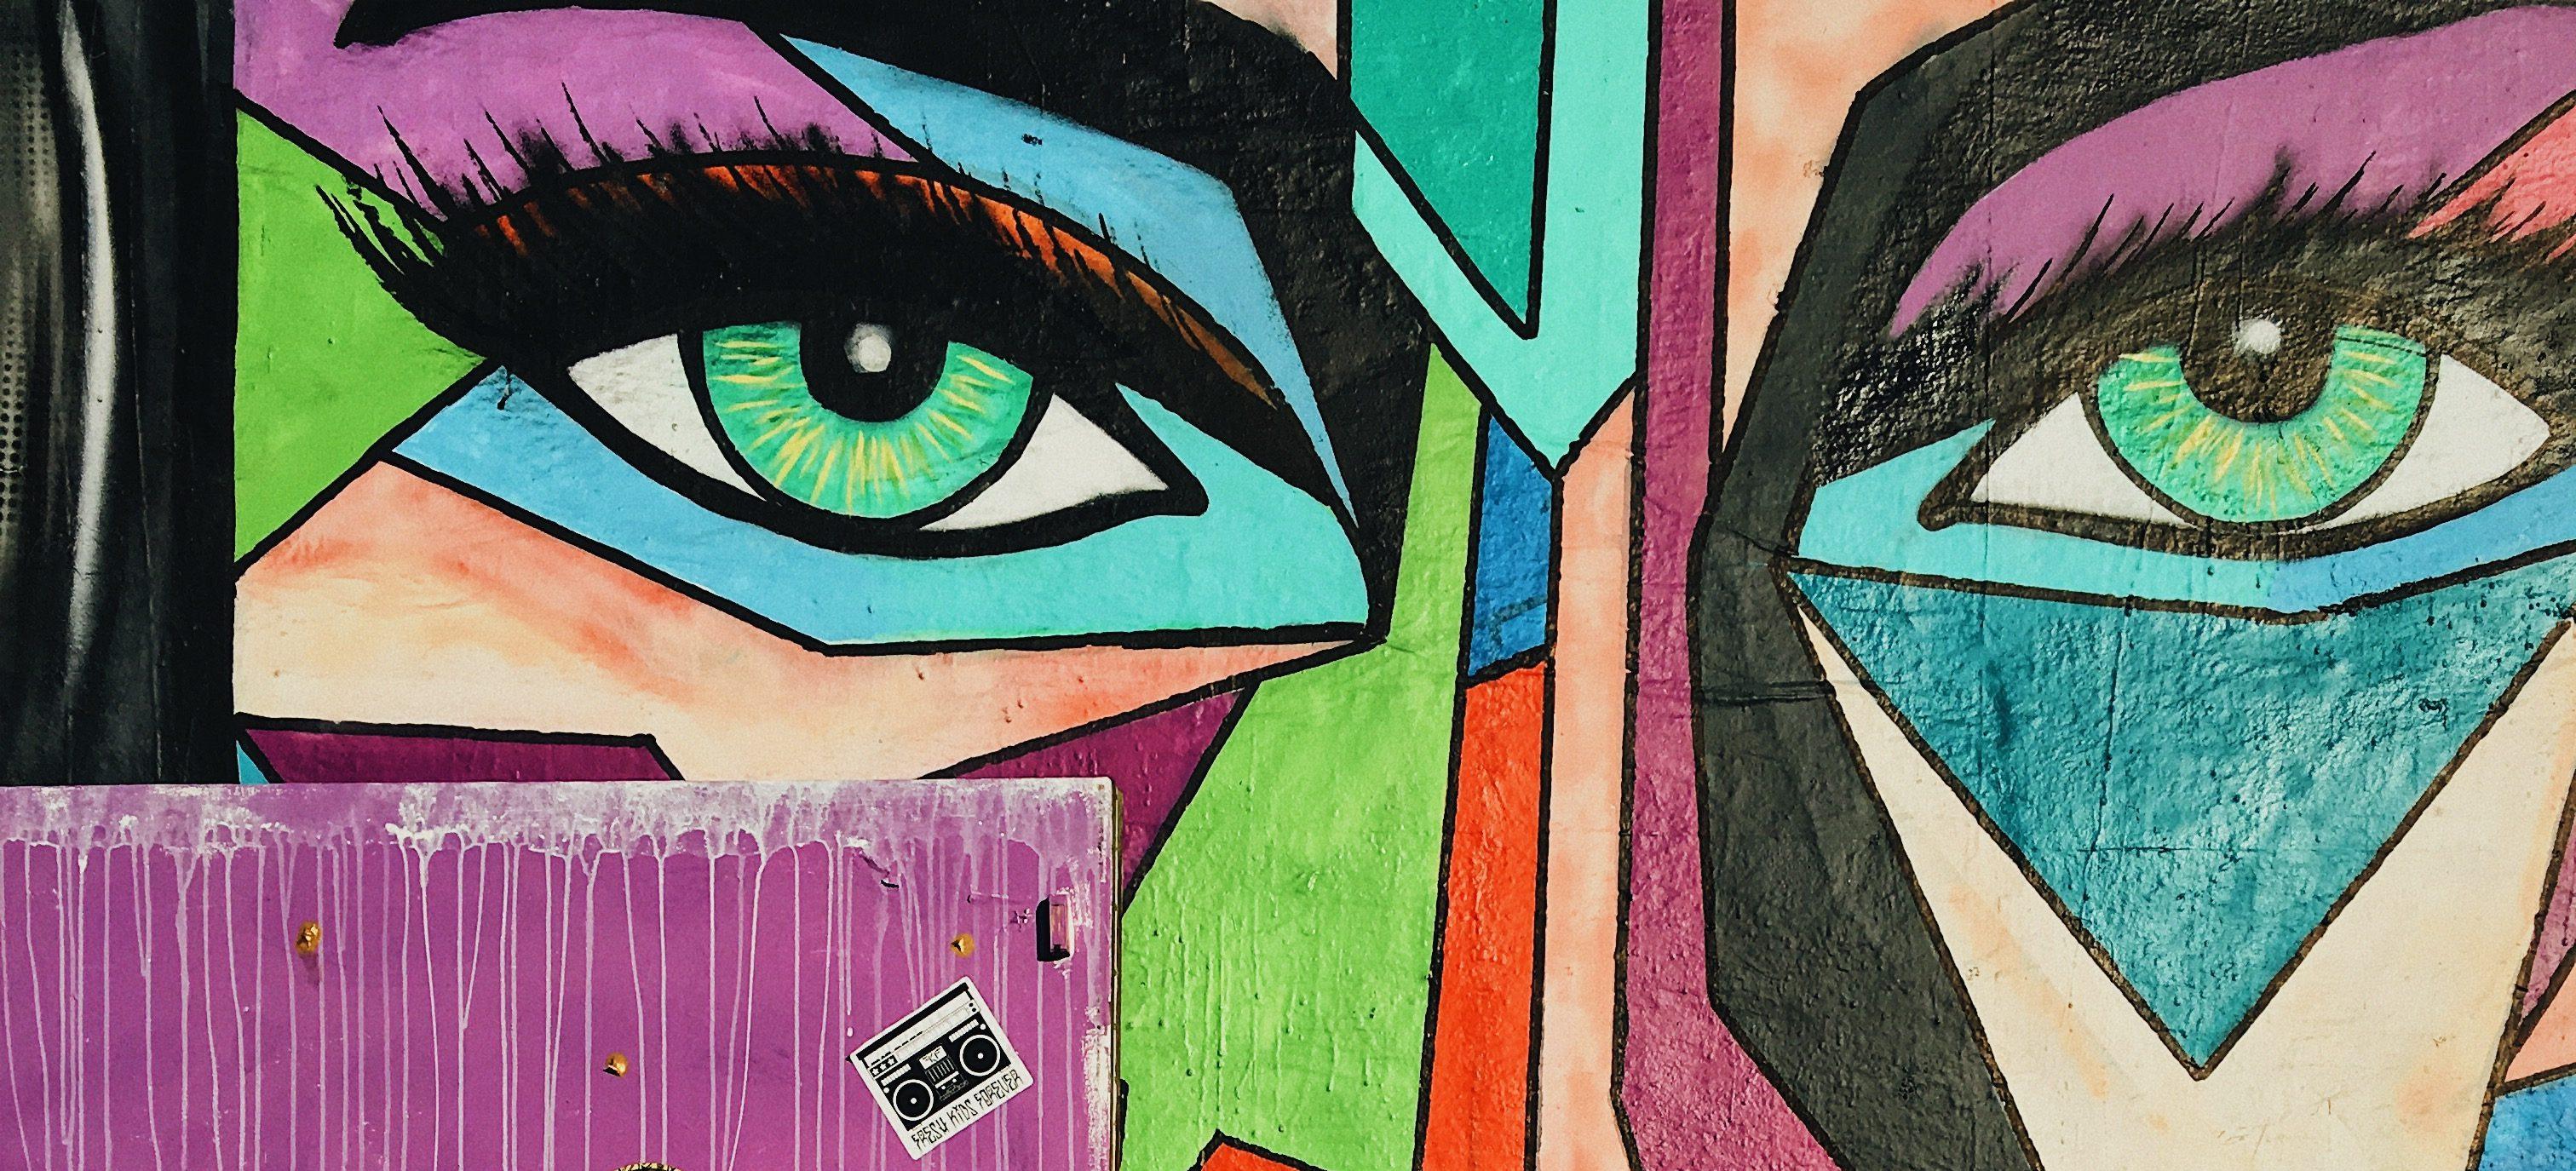 Miami graffiti